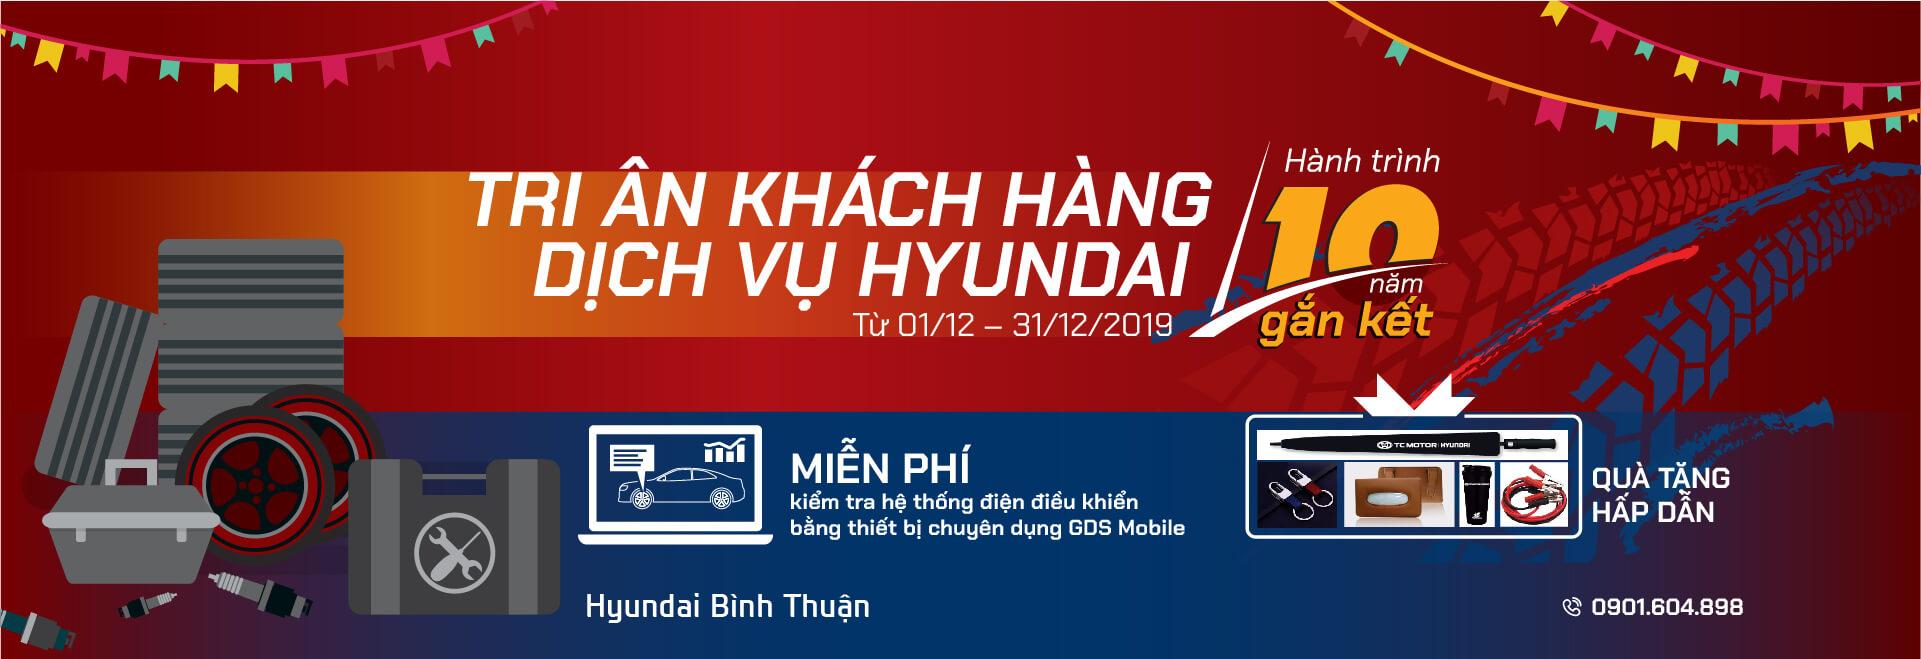 Hyundai Bình Thuận khuyến mãi dịch vụ cuối năm